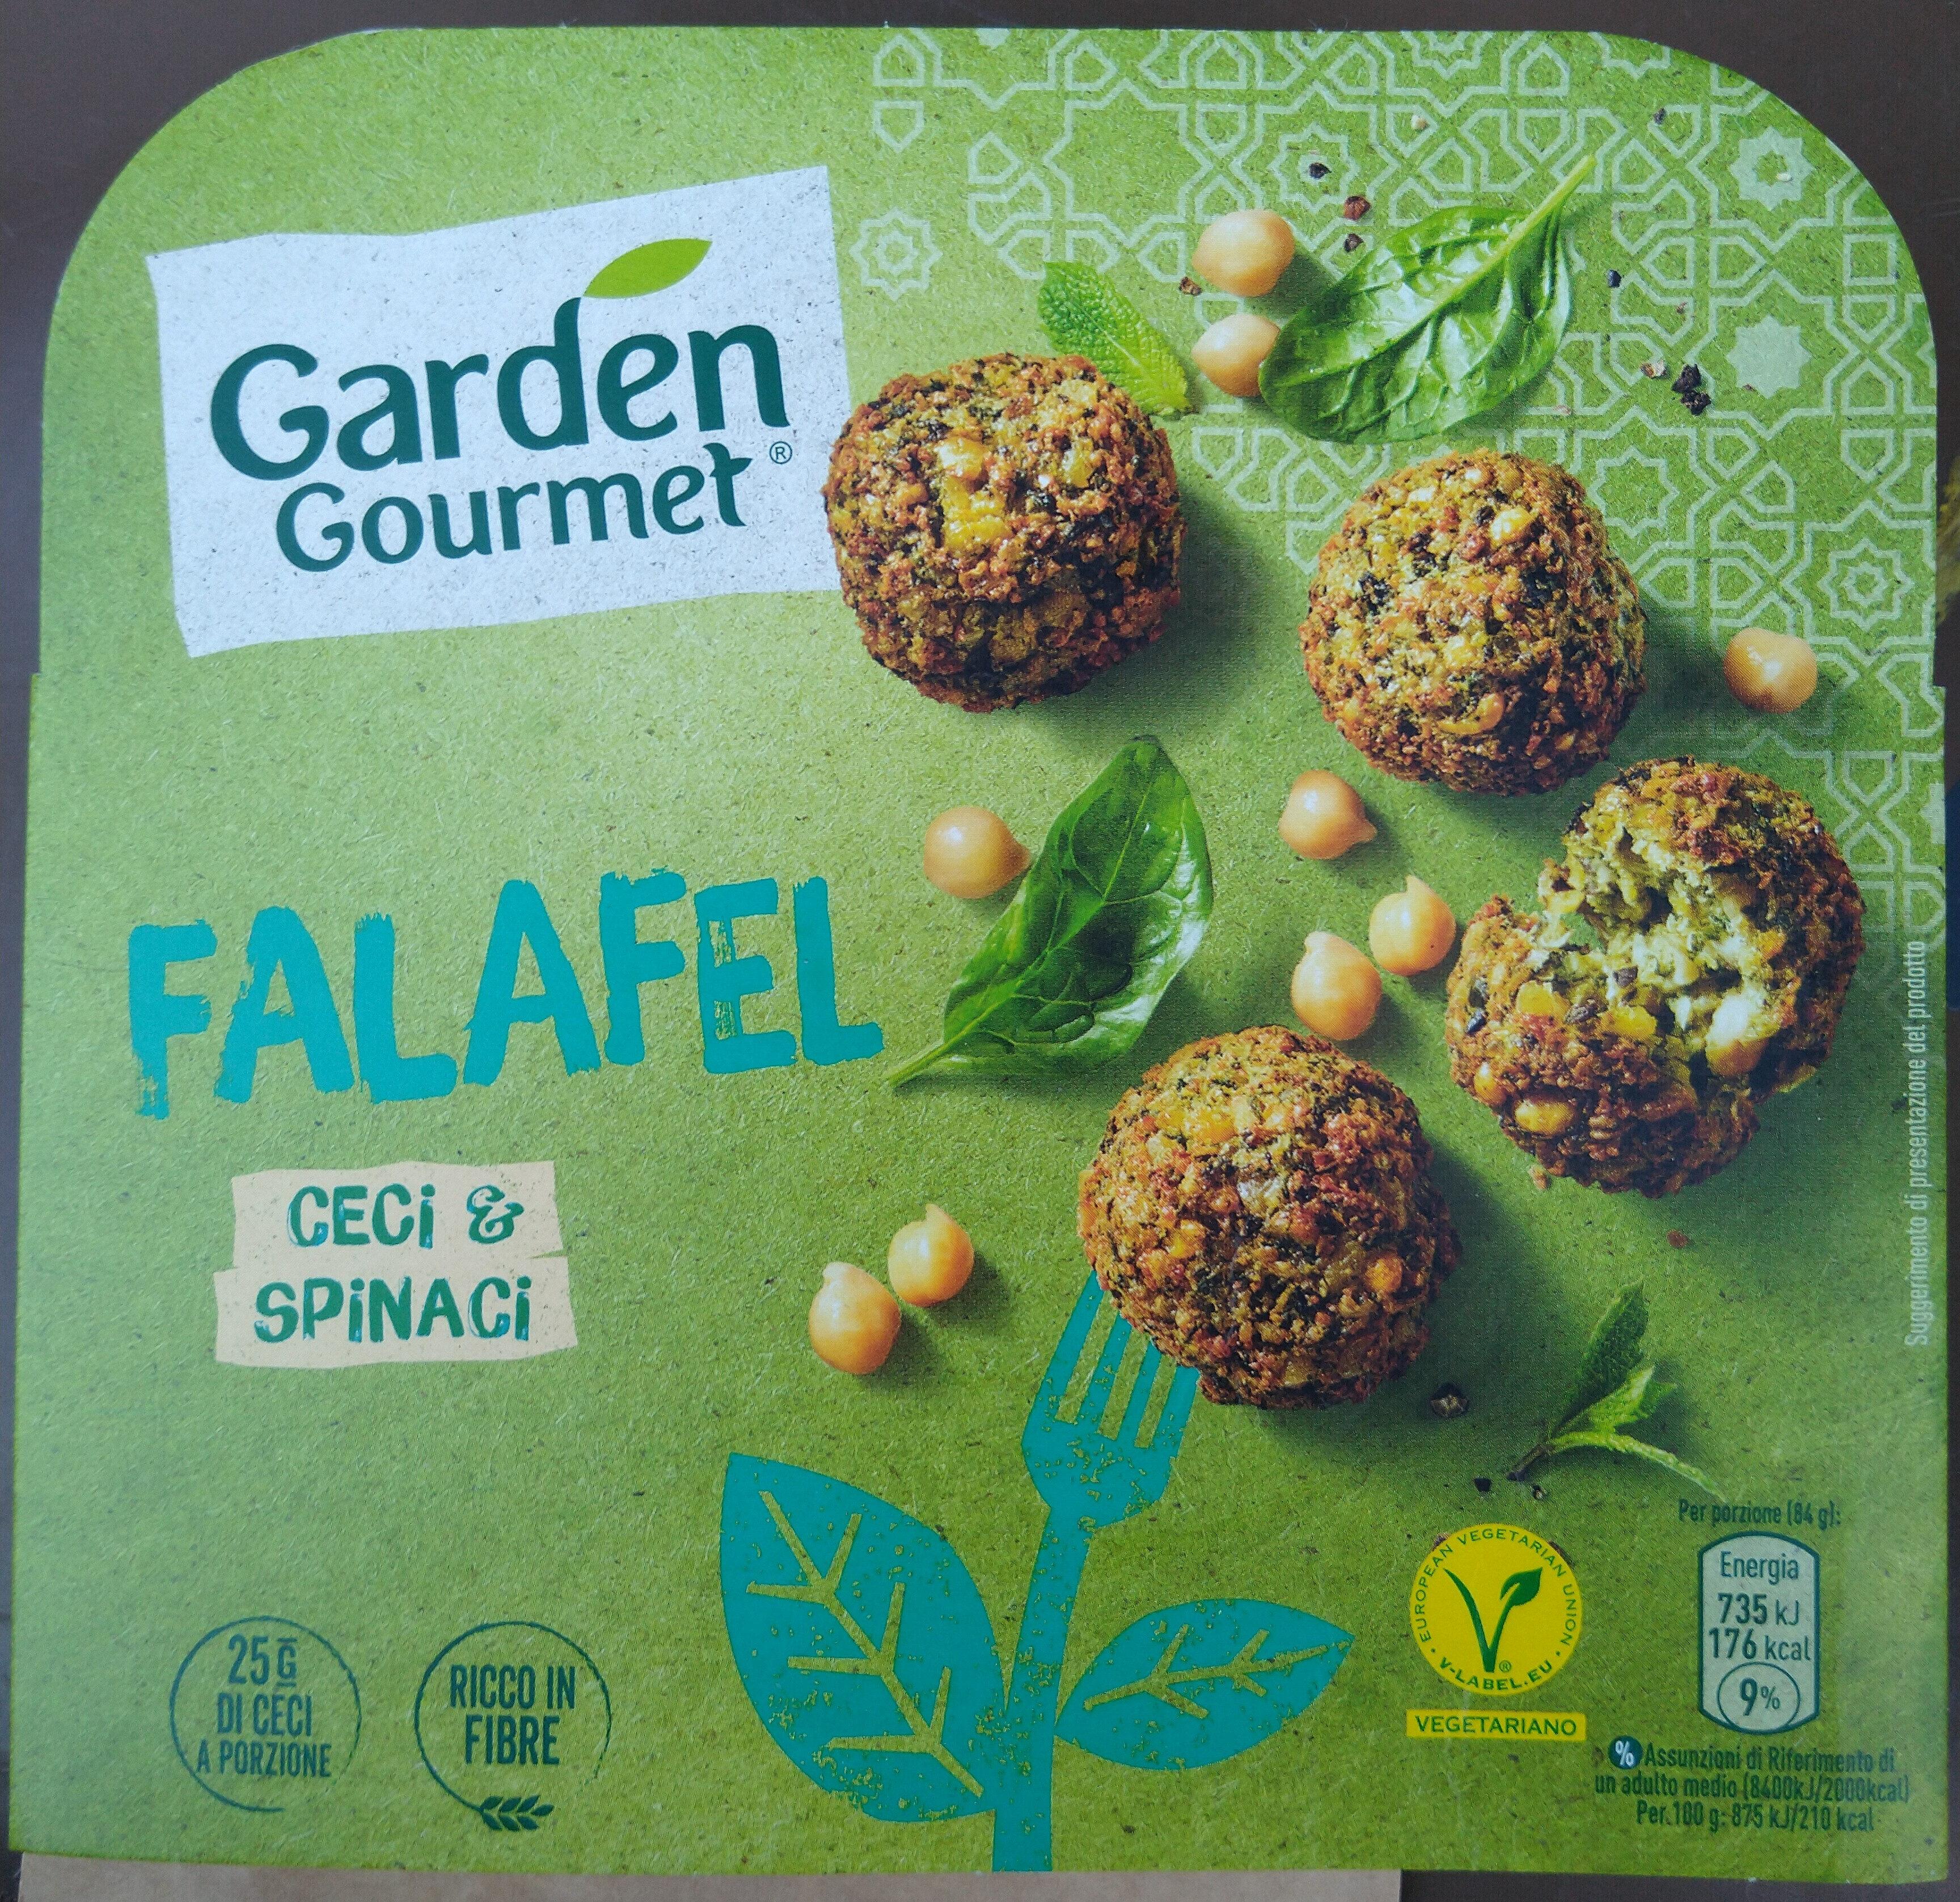 Falafel ceci e spinaci - Product - it